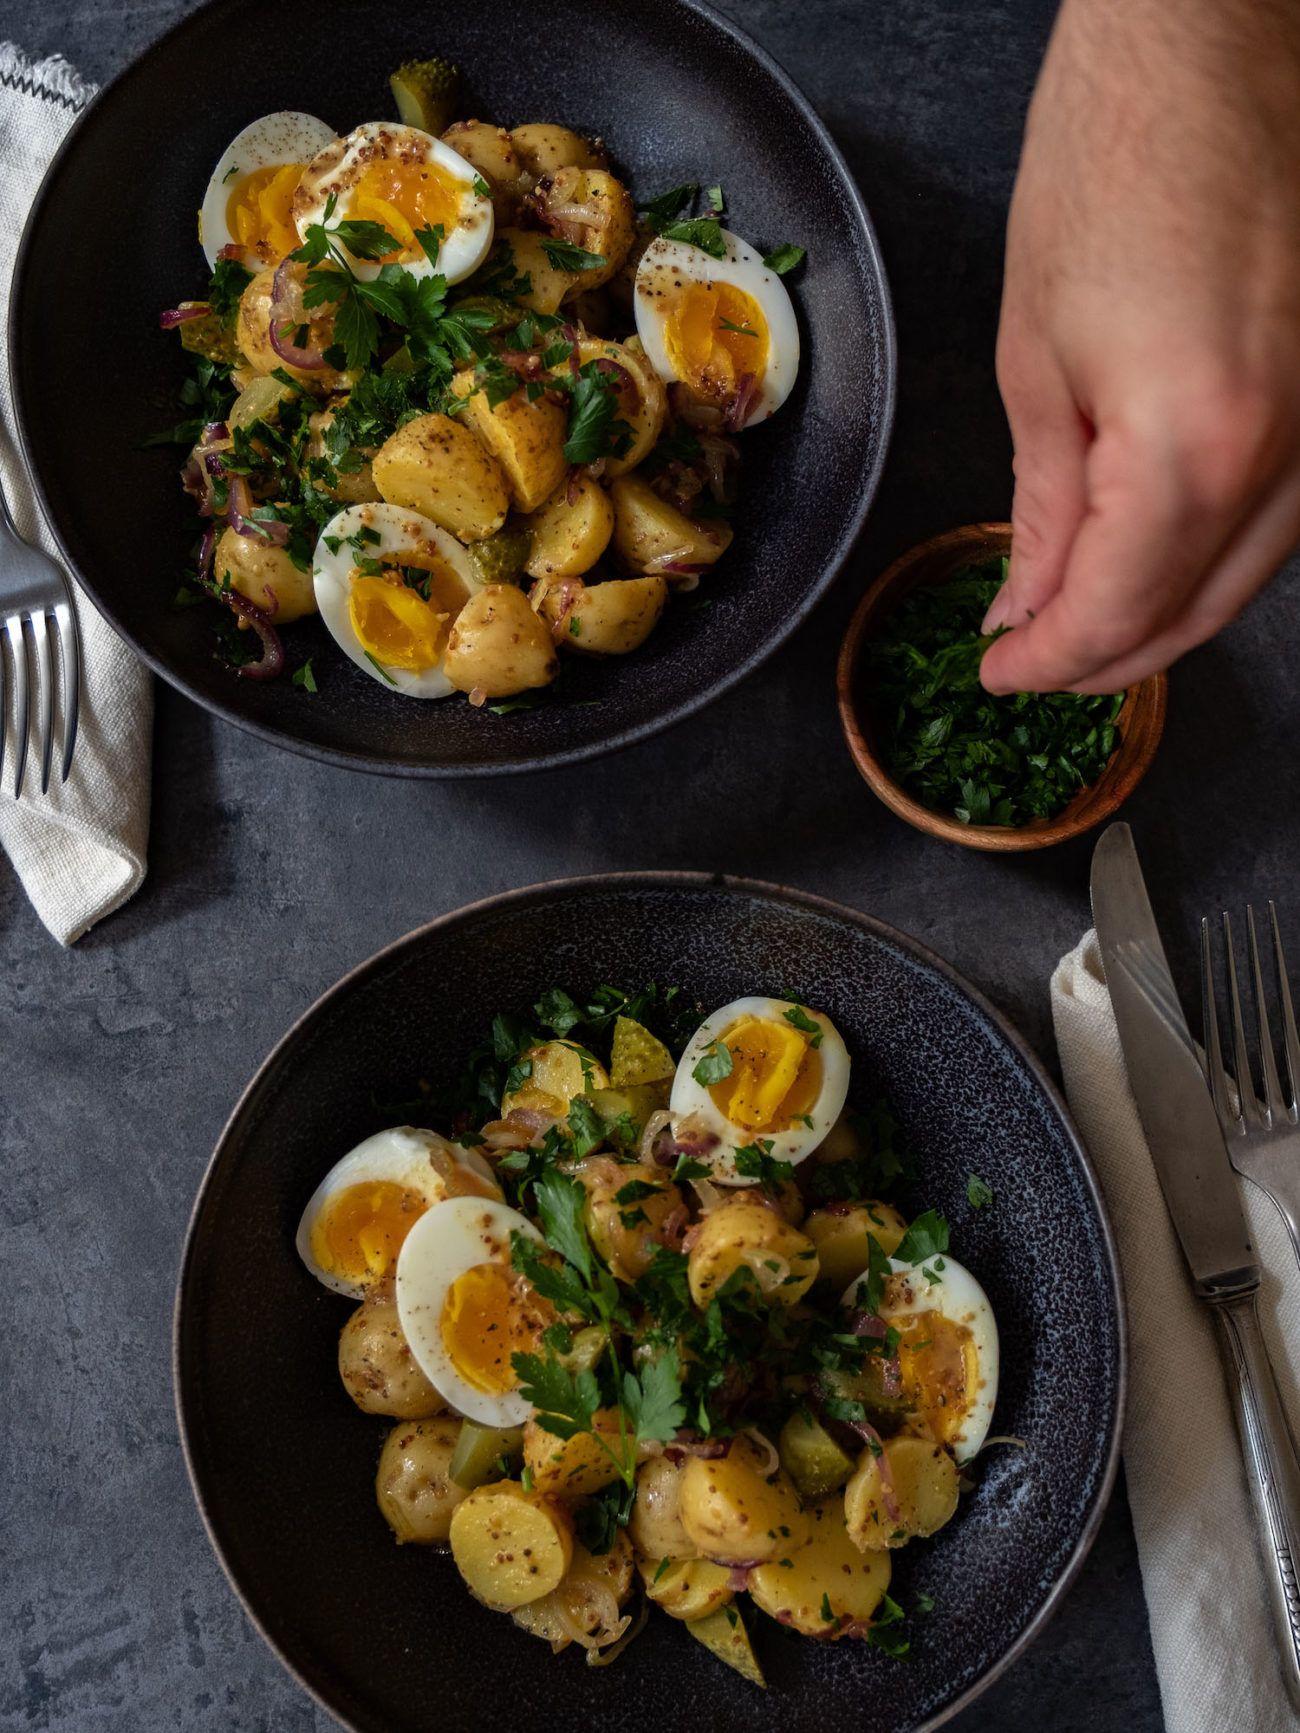 Rezept, Kartoffelsalat mit gekochten Eiern, Senfdressing, Essiggurken, Petersilie, Besteck, Salat